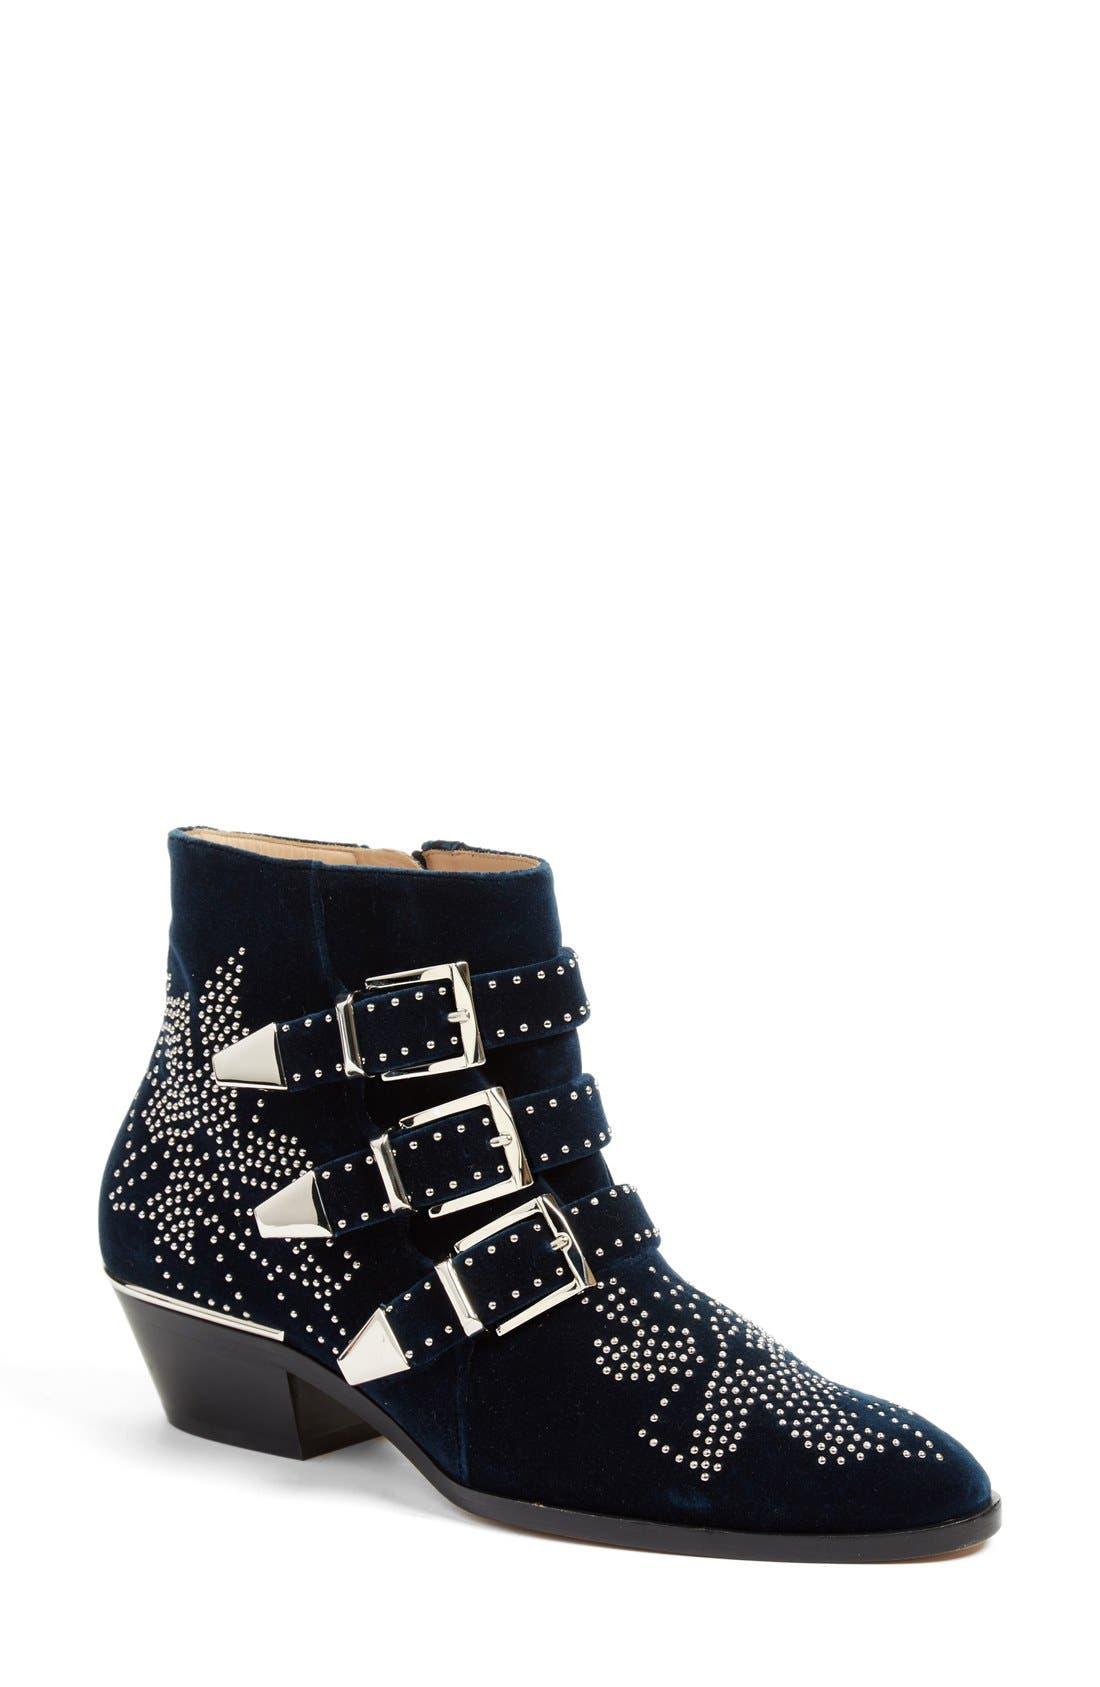 CHLOÉ Susan Studded Buckle Boot